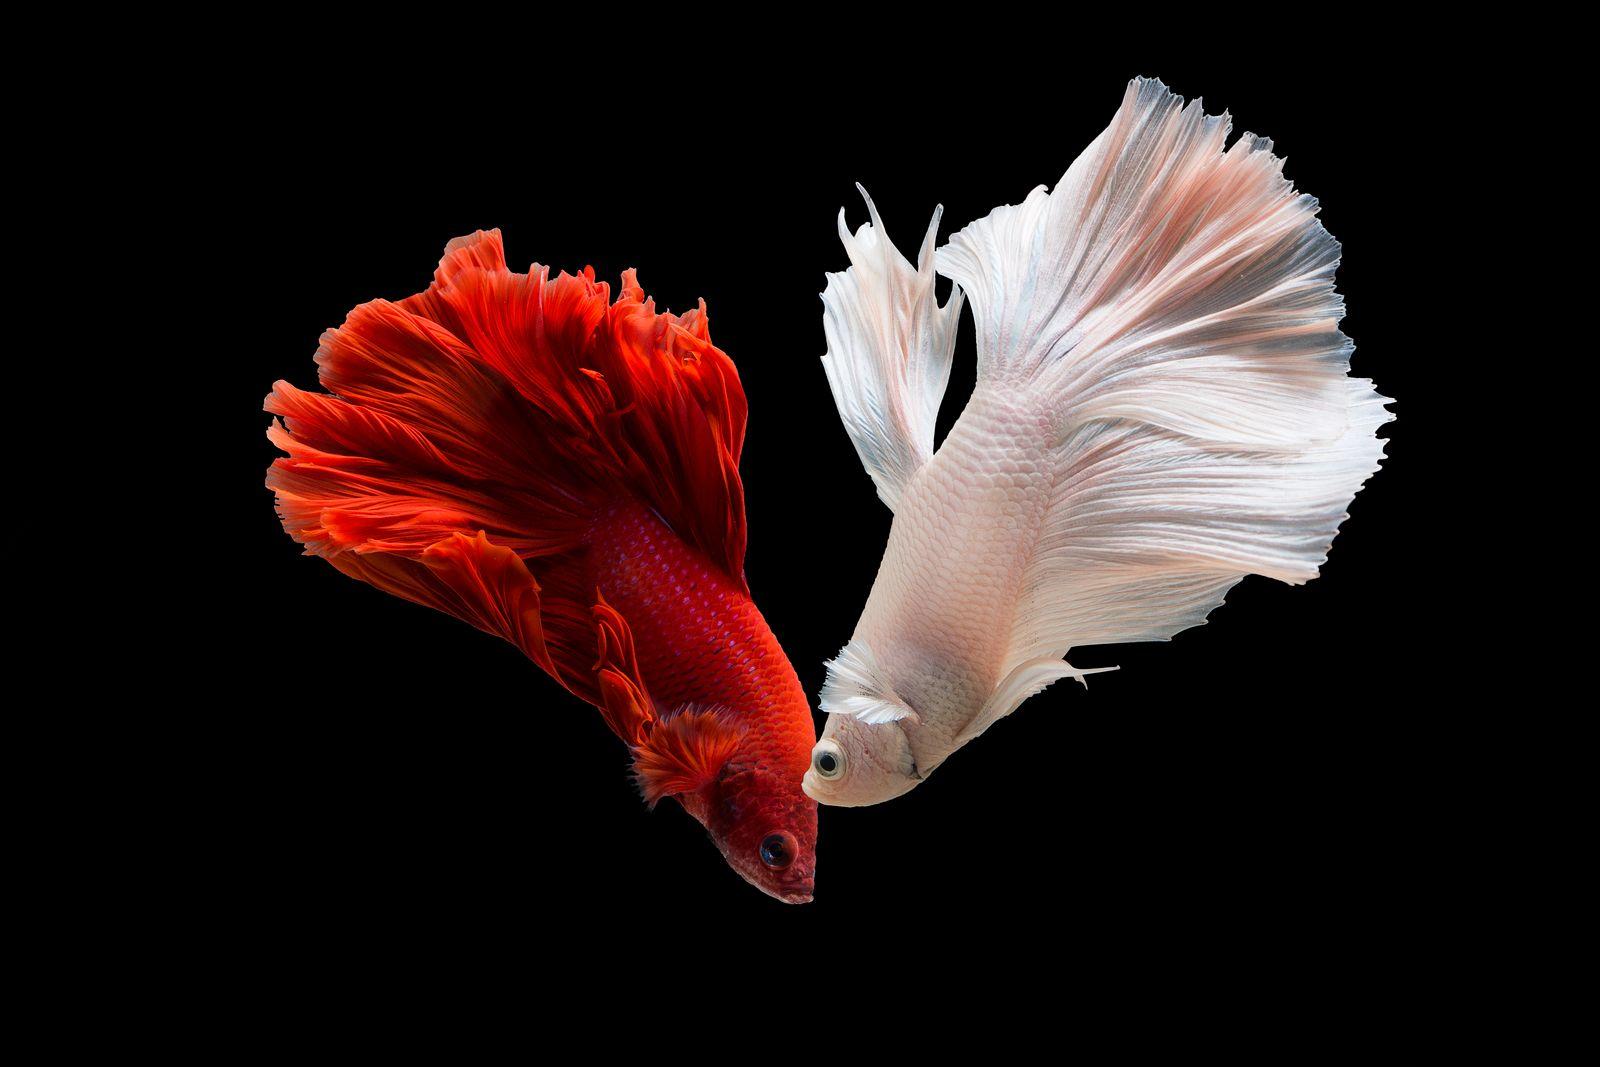 Red and white Siamese fighting fish (Betta fish)